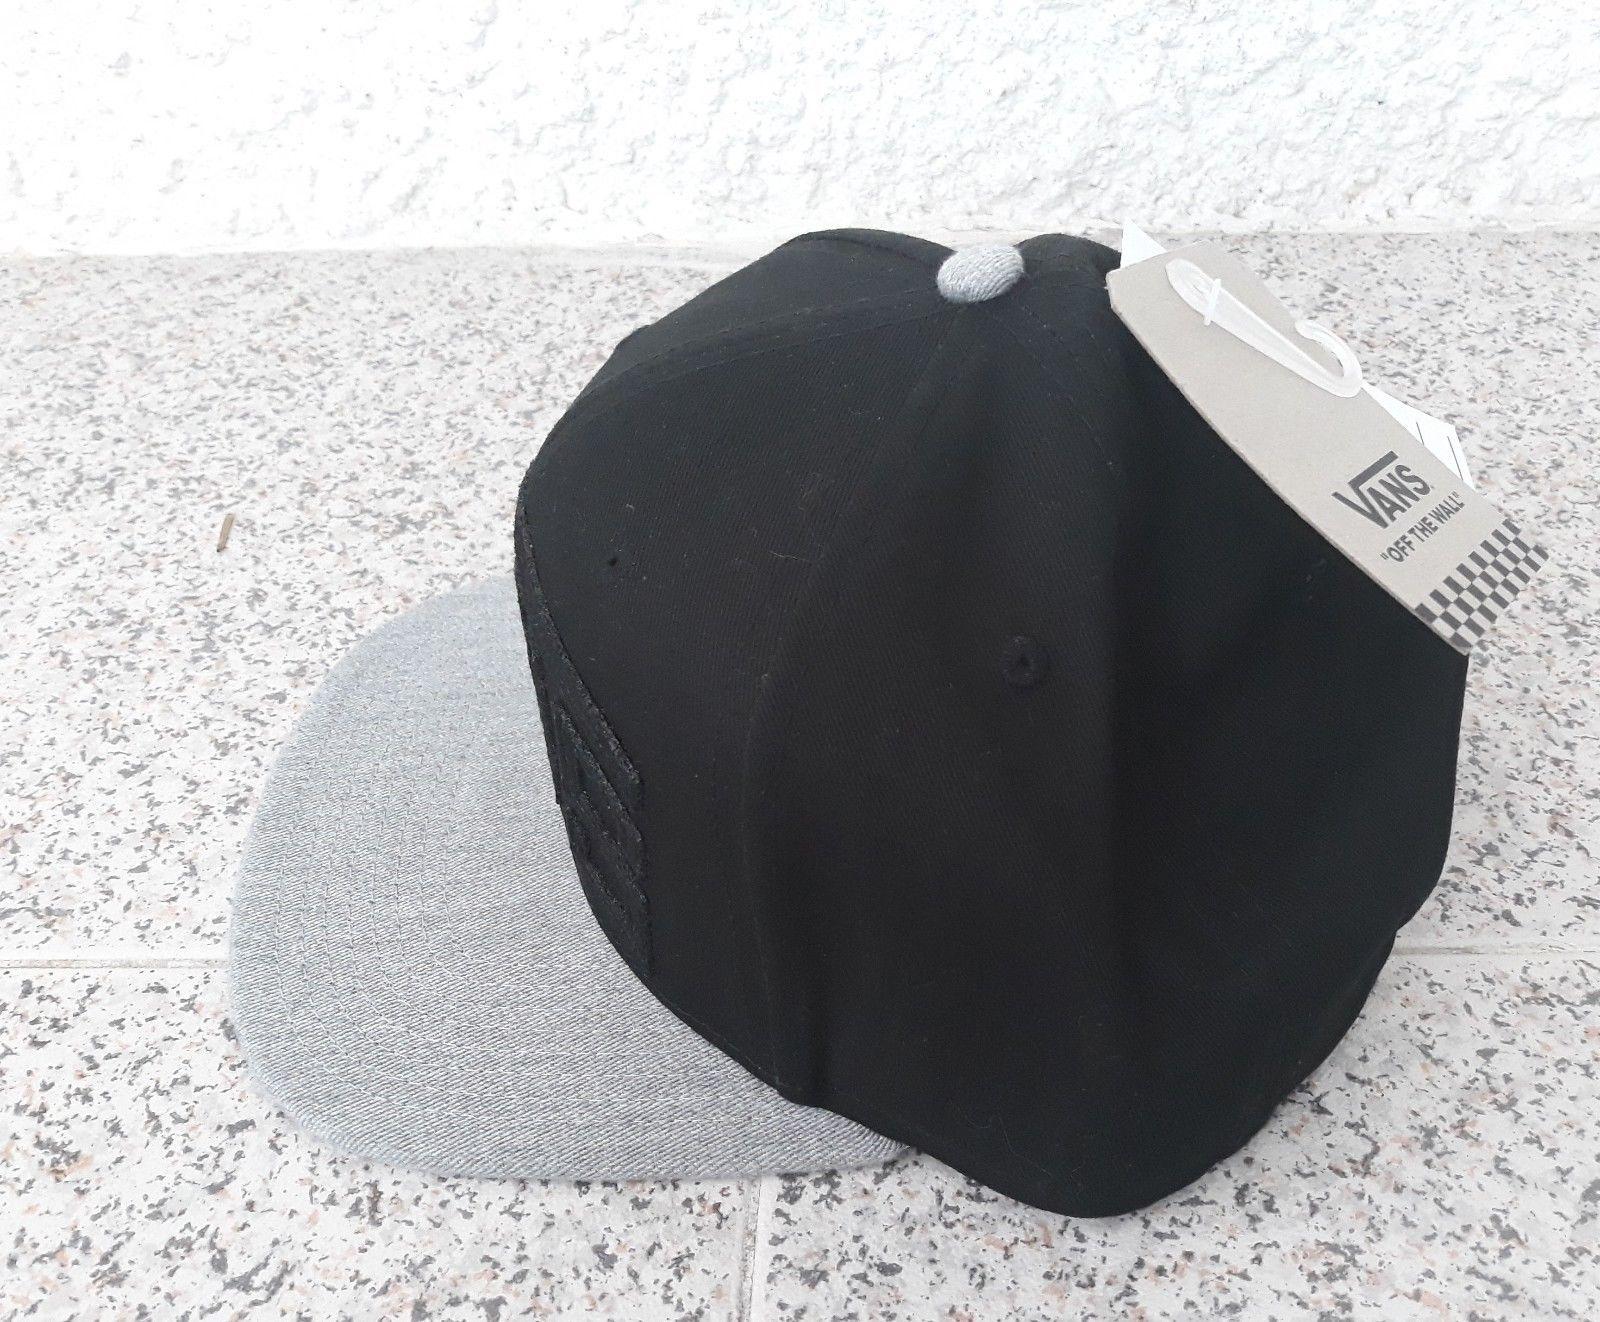 c92af1c1025 Vans Black Cap Grey Casual Hat 100% Cotton Adults One Size Flat Brim 6 Panel